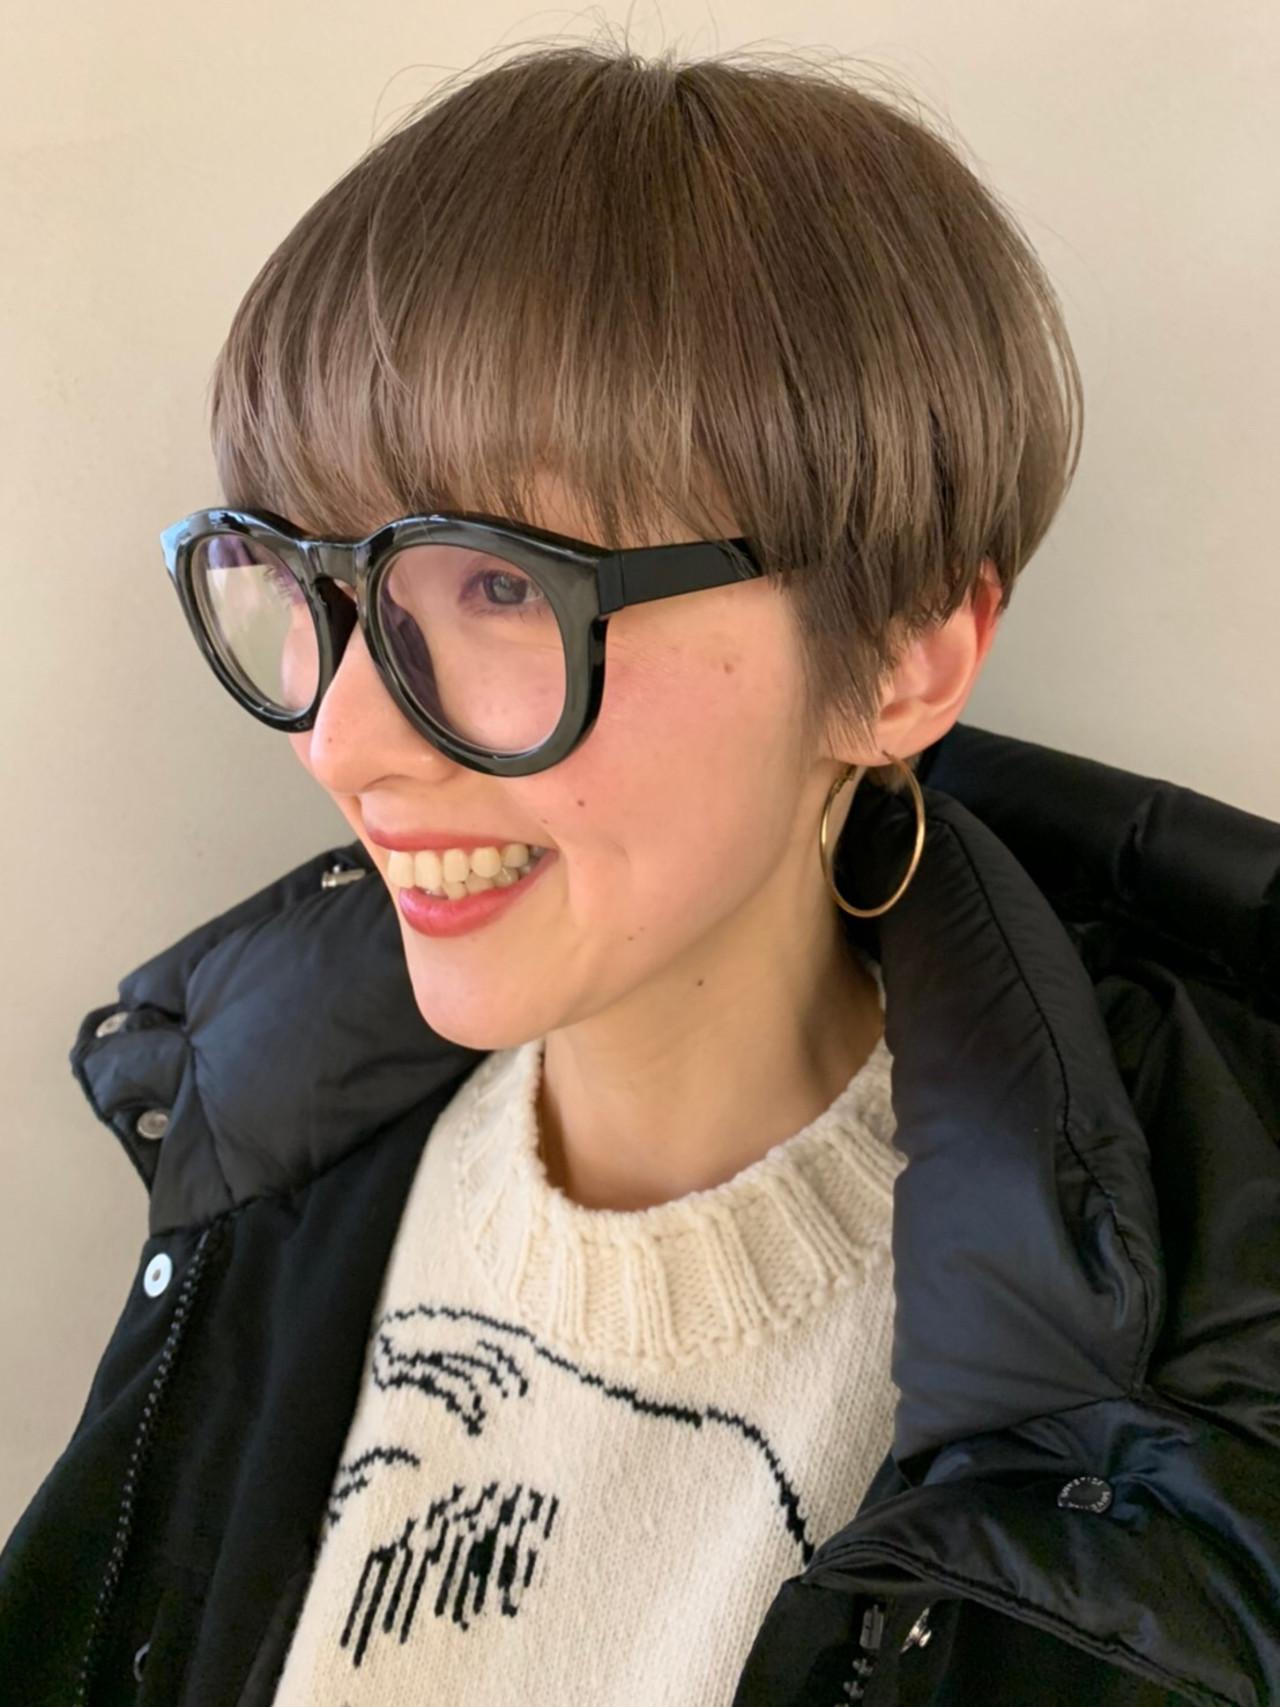 ベリーショート ショート ショートボブ ナチュラル ヘアスタイルや髪型の写真・画像 | 高橋 忍 / nanuk渋谷店(ナヌーク)